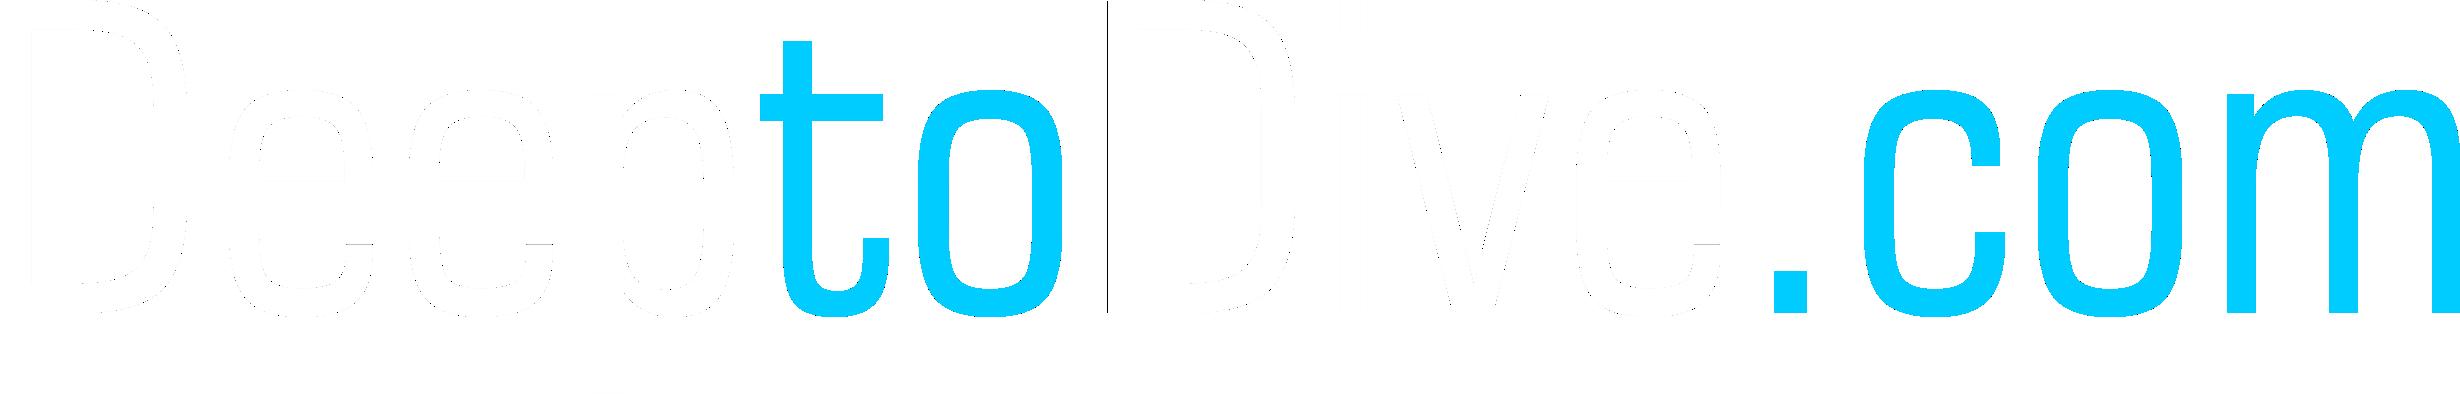 Deeptodive.com